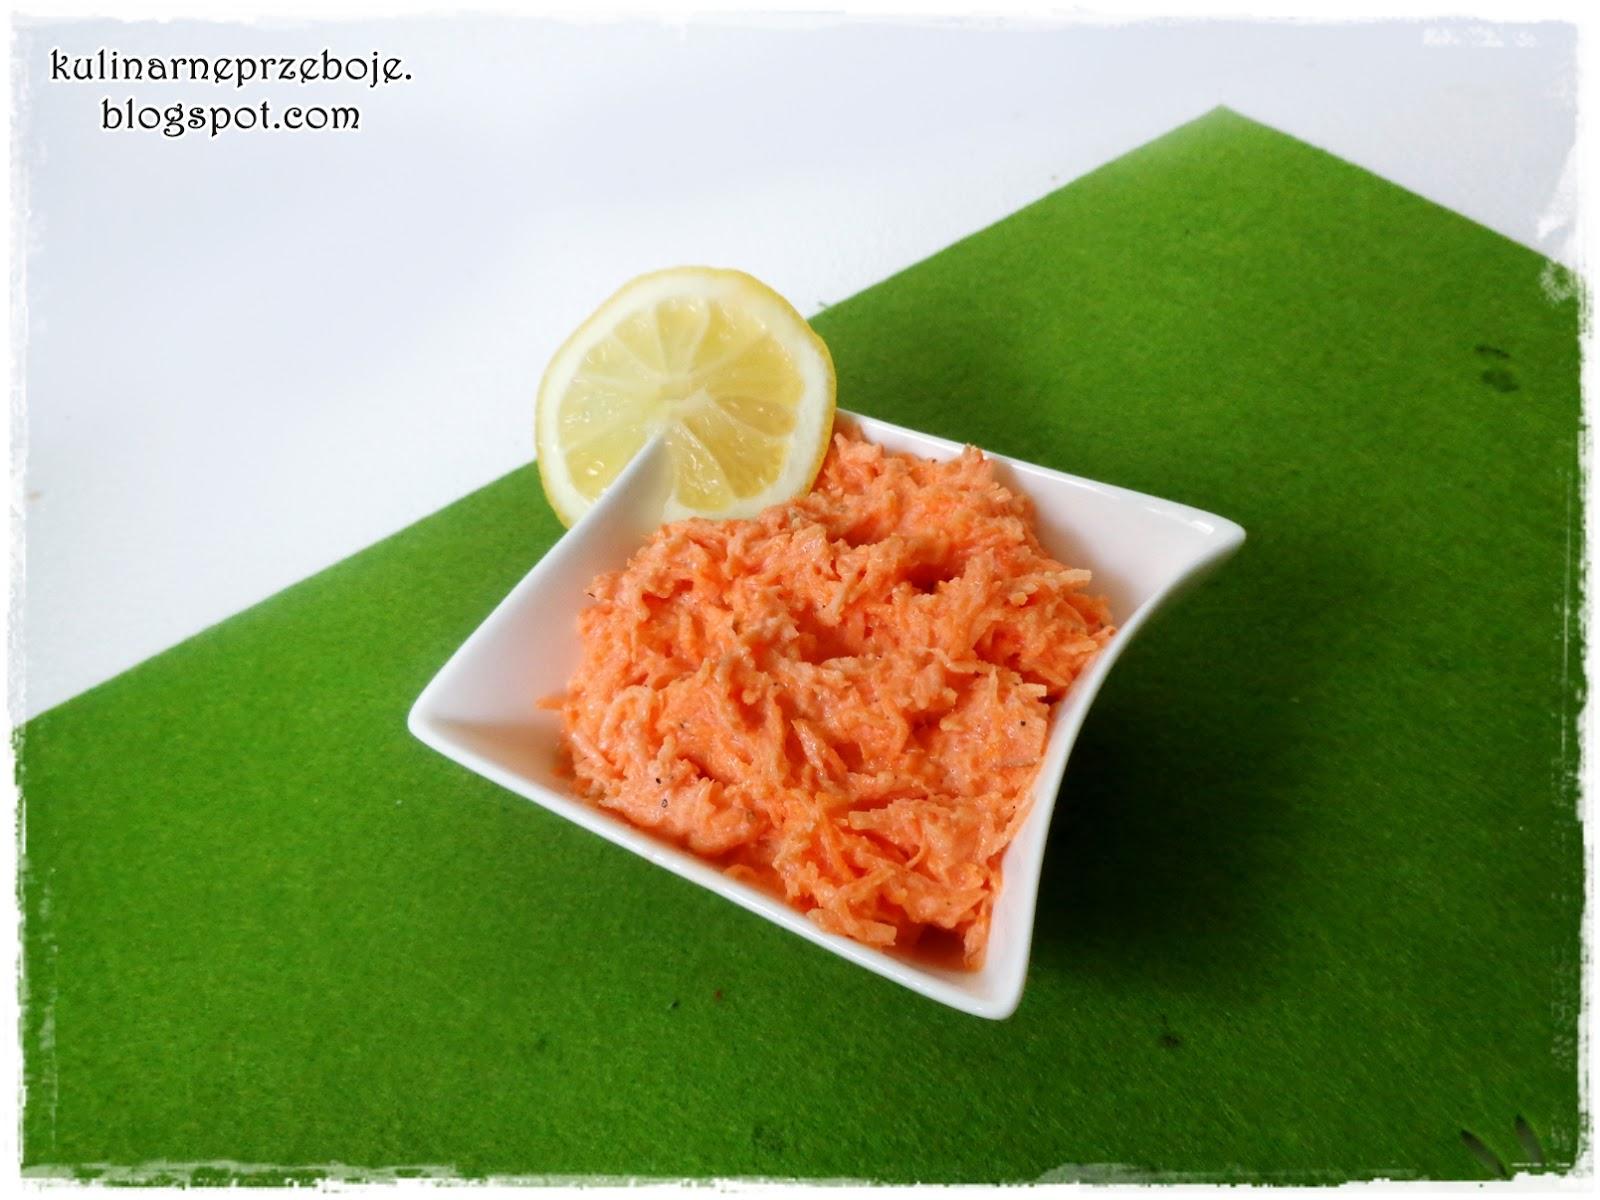 Surówka z marchewki i jogurtu naturalnego